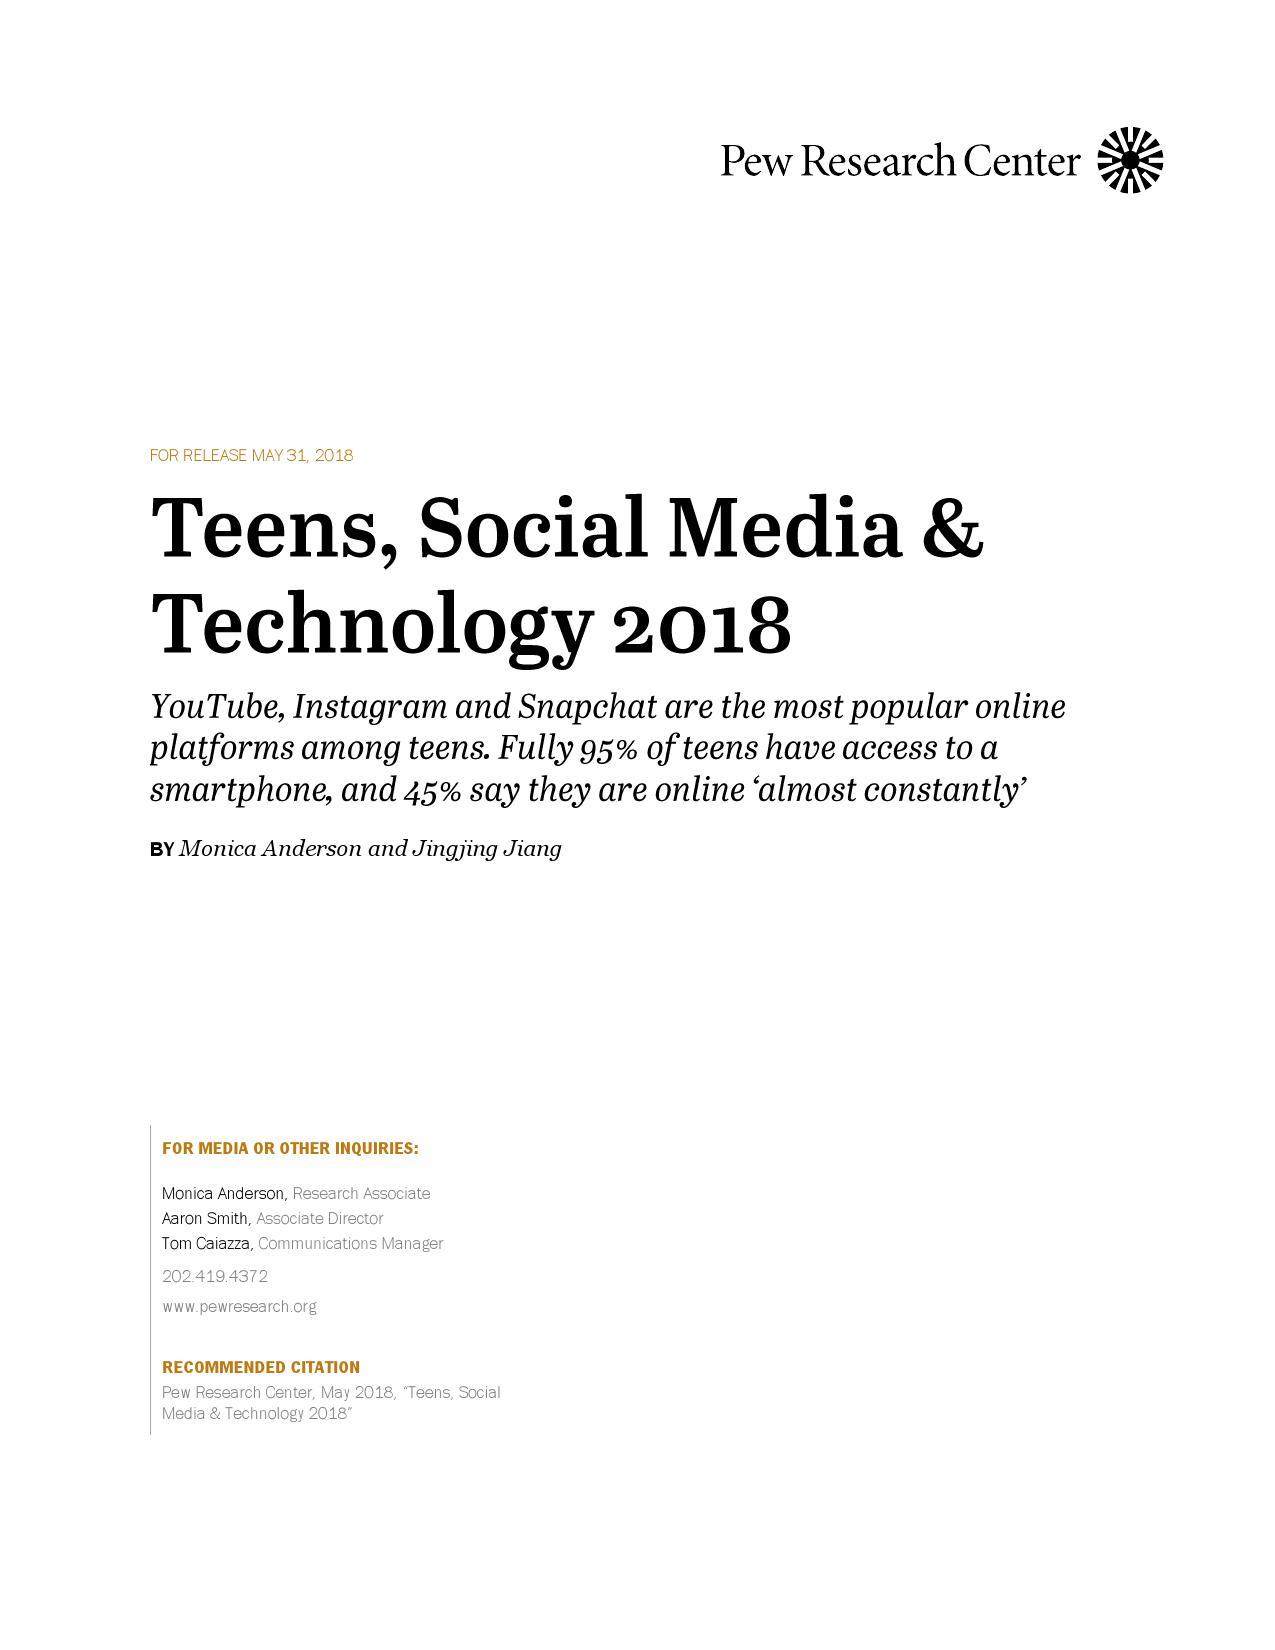 皮尤研究中心:2018年美国青少年社交媒体用户调查报告